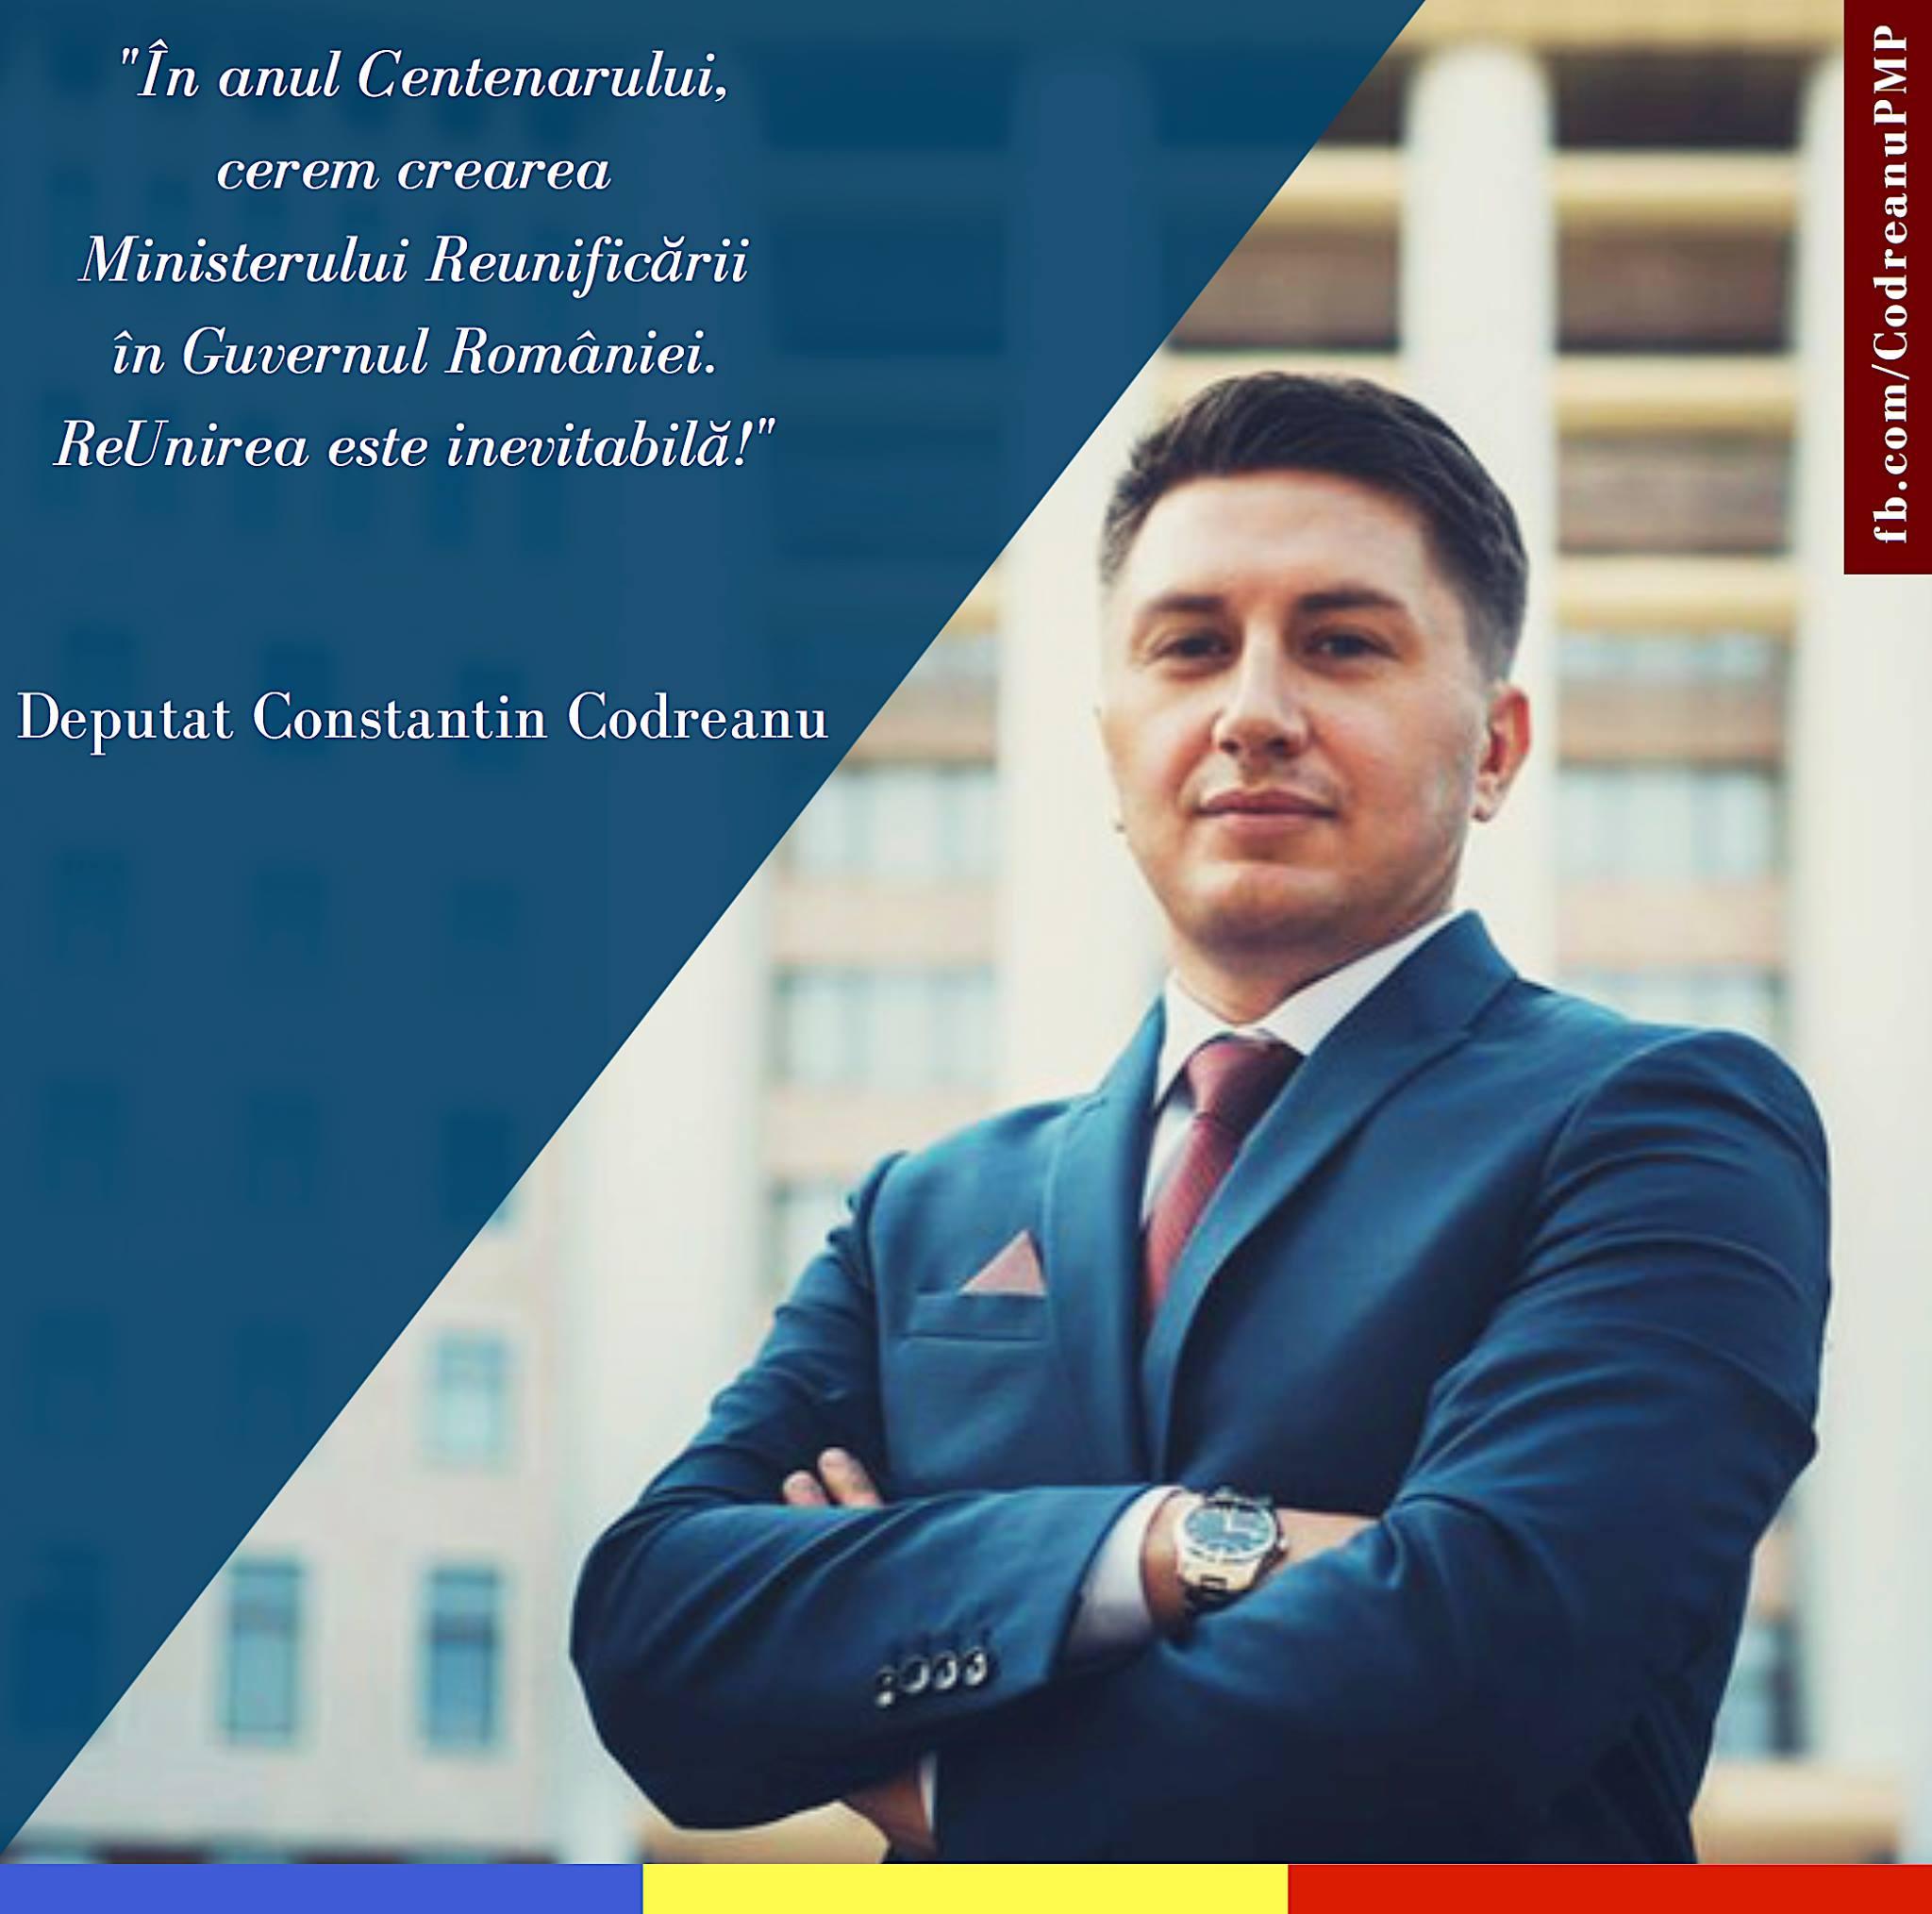 Constantin Codreanu Ministerul Reunificării